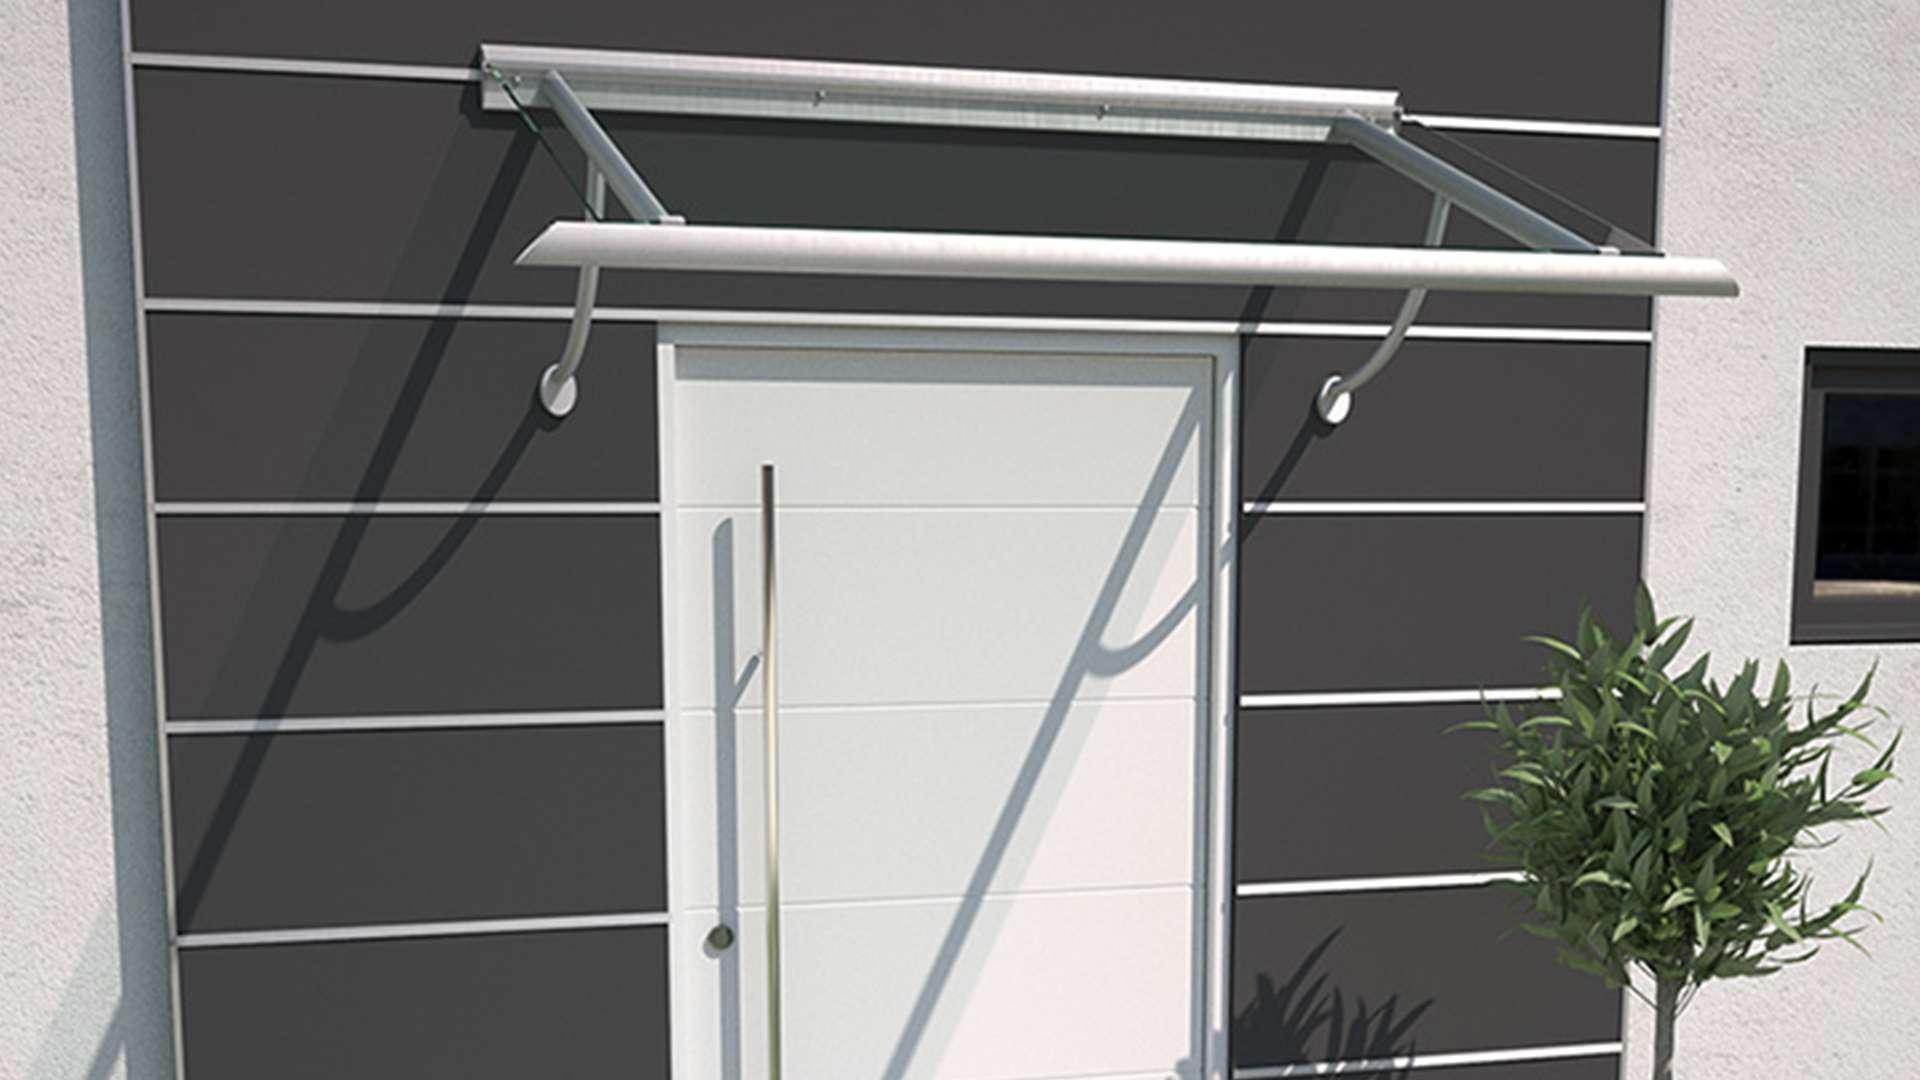 weiße Haustür in dunkler Fassade mit Vordach aus Glas